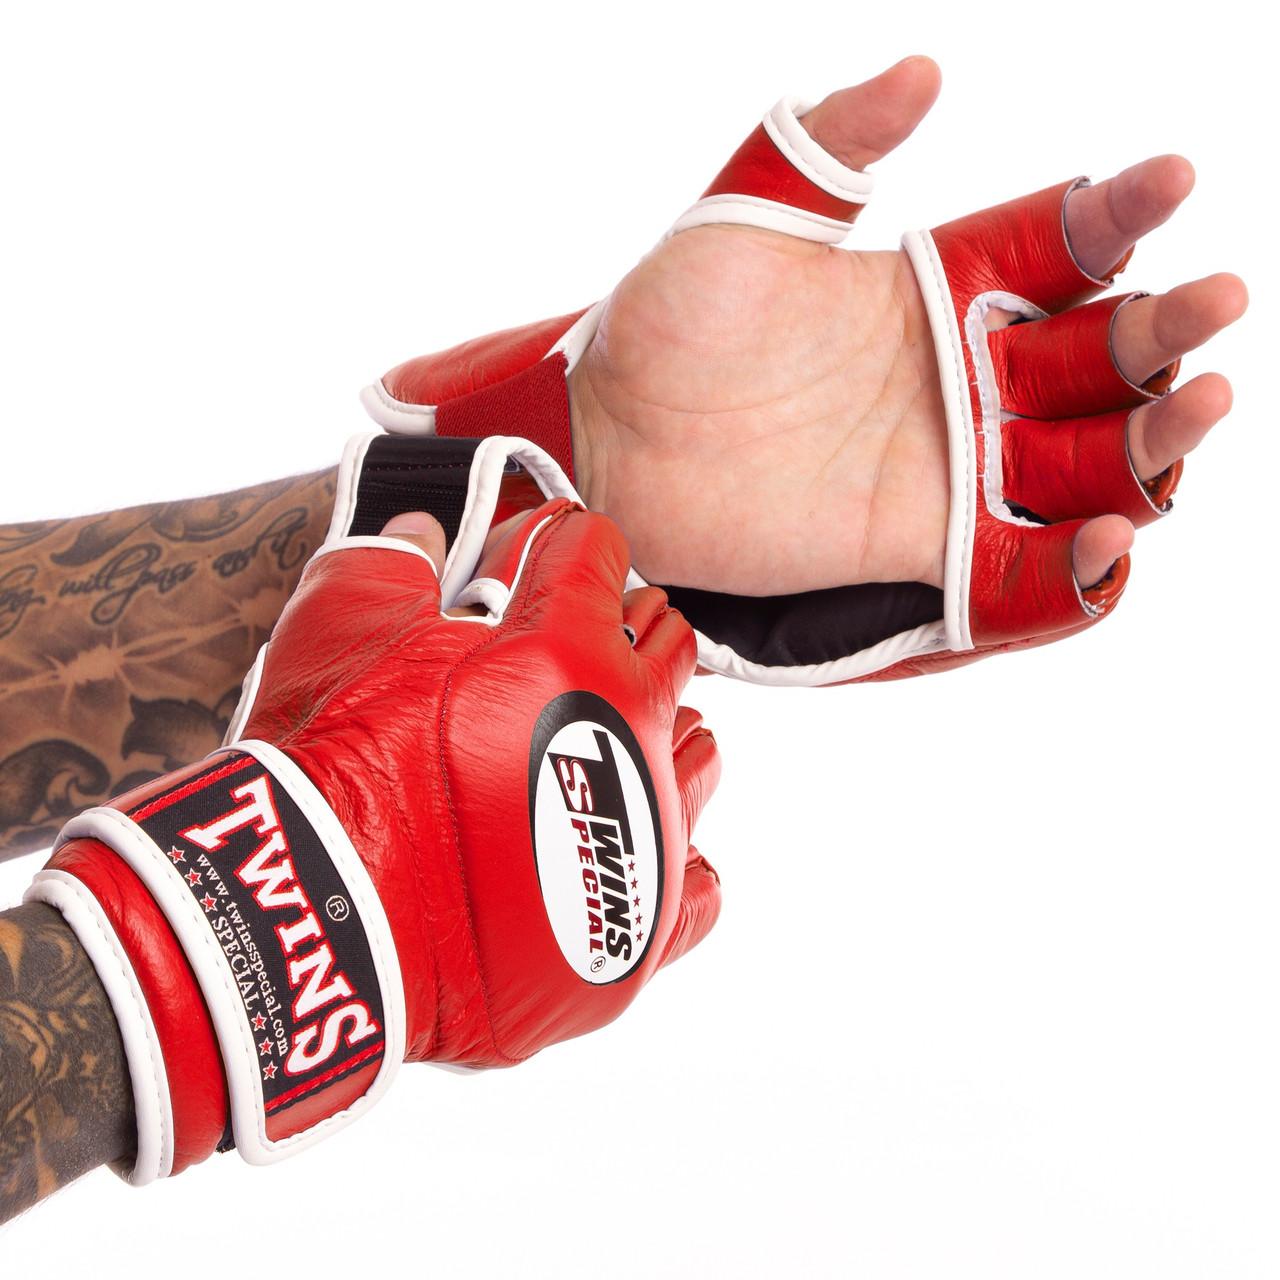 Перчатки для мма, для бокса twins special bgvla-2 (blue/white), 6 в москве. купить и сравнить все цены и характеристики, узнать: отзывы, стоимость, где купить. посмотреть фото и видео.